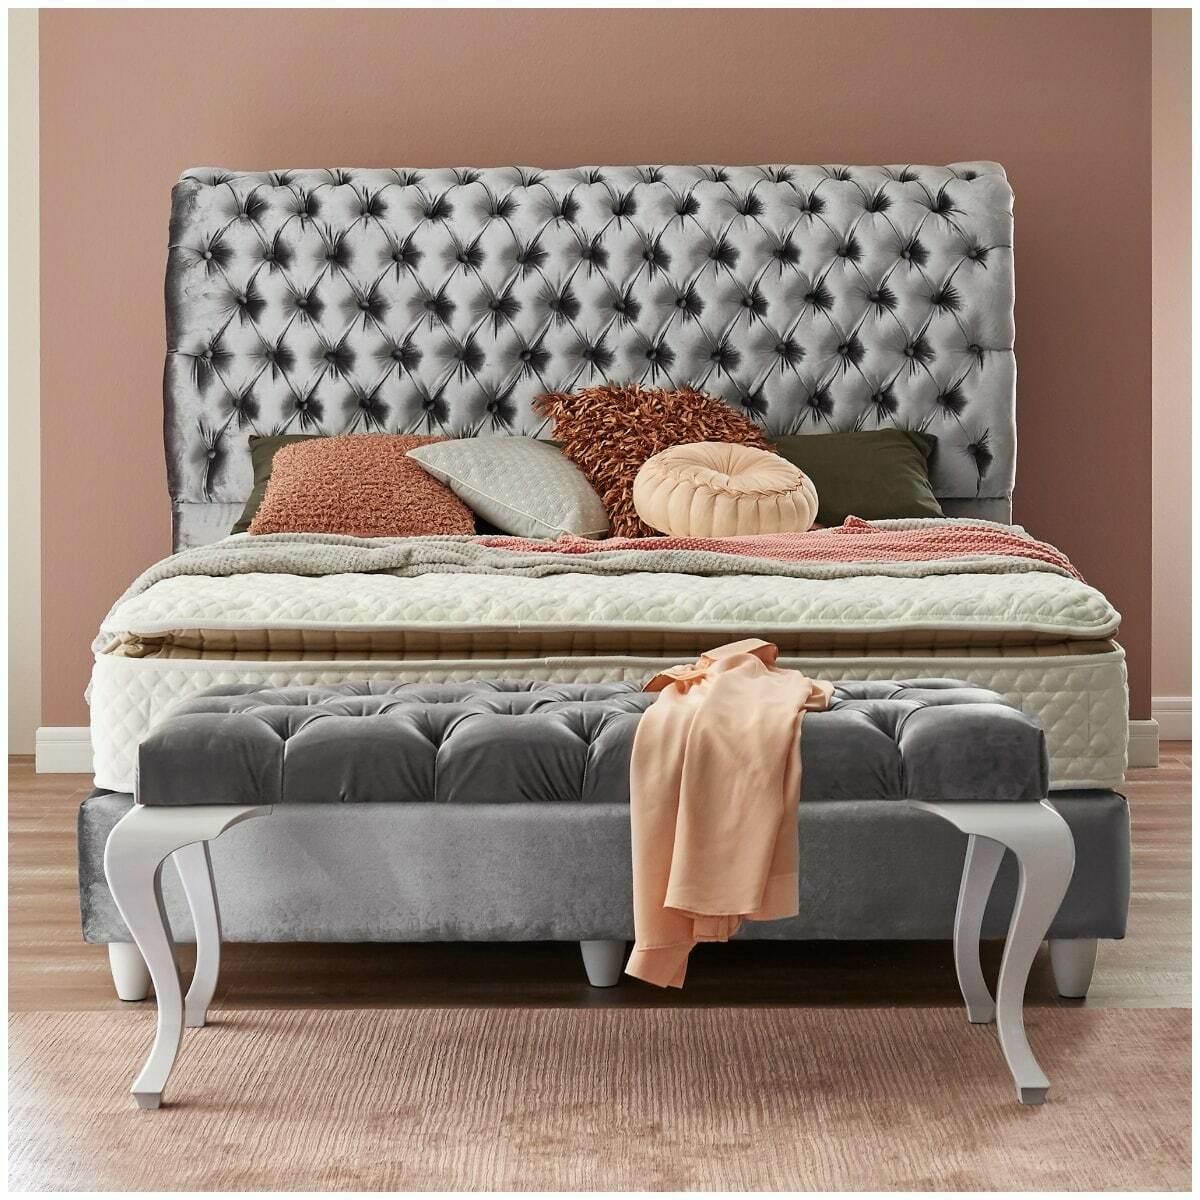 Full Size of Samt Bett 200x200 Chesterfield Betten 120x200 Nolte Rückenlehne Musterring Luxus Kaufen Rauch 140x200 Landhaus 160x200 überlänge Holz Paletten Massivholz Wohnzimmer Samt Bett 200x200